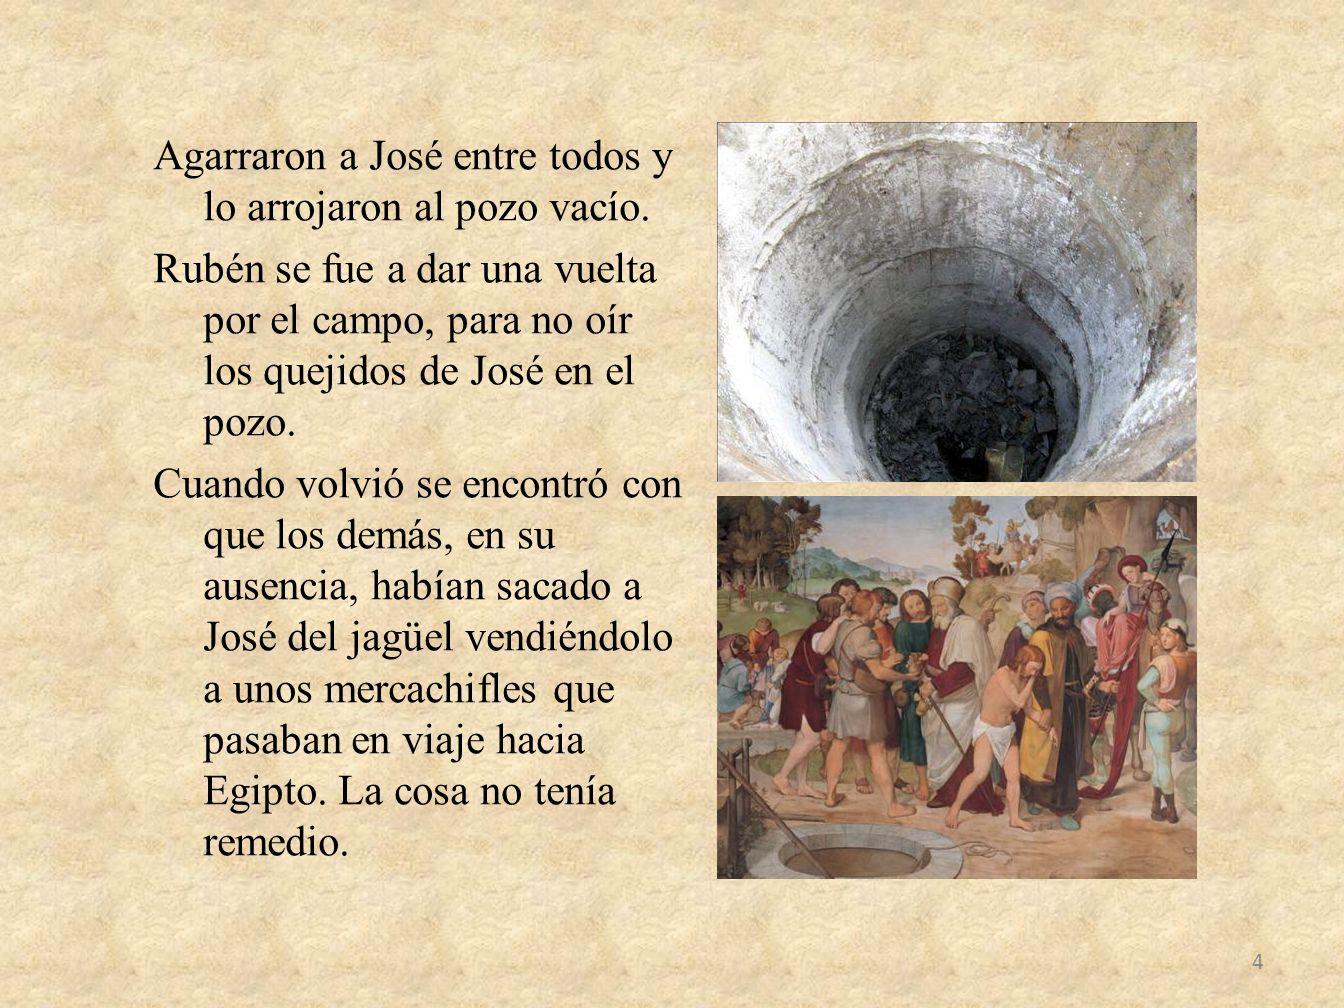 Agarraron a José entre todos y lo arrojaron al pozo vacío. Rubén se fue a dar una vuelta por el campo, para no oír los quejidos de José en el pozo. Cu